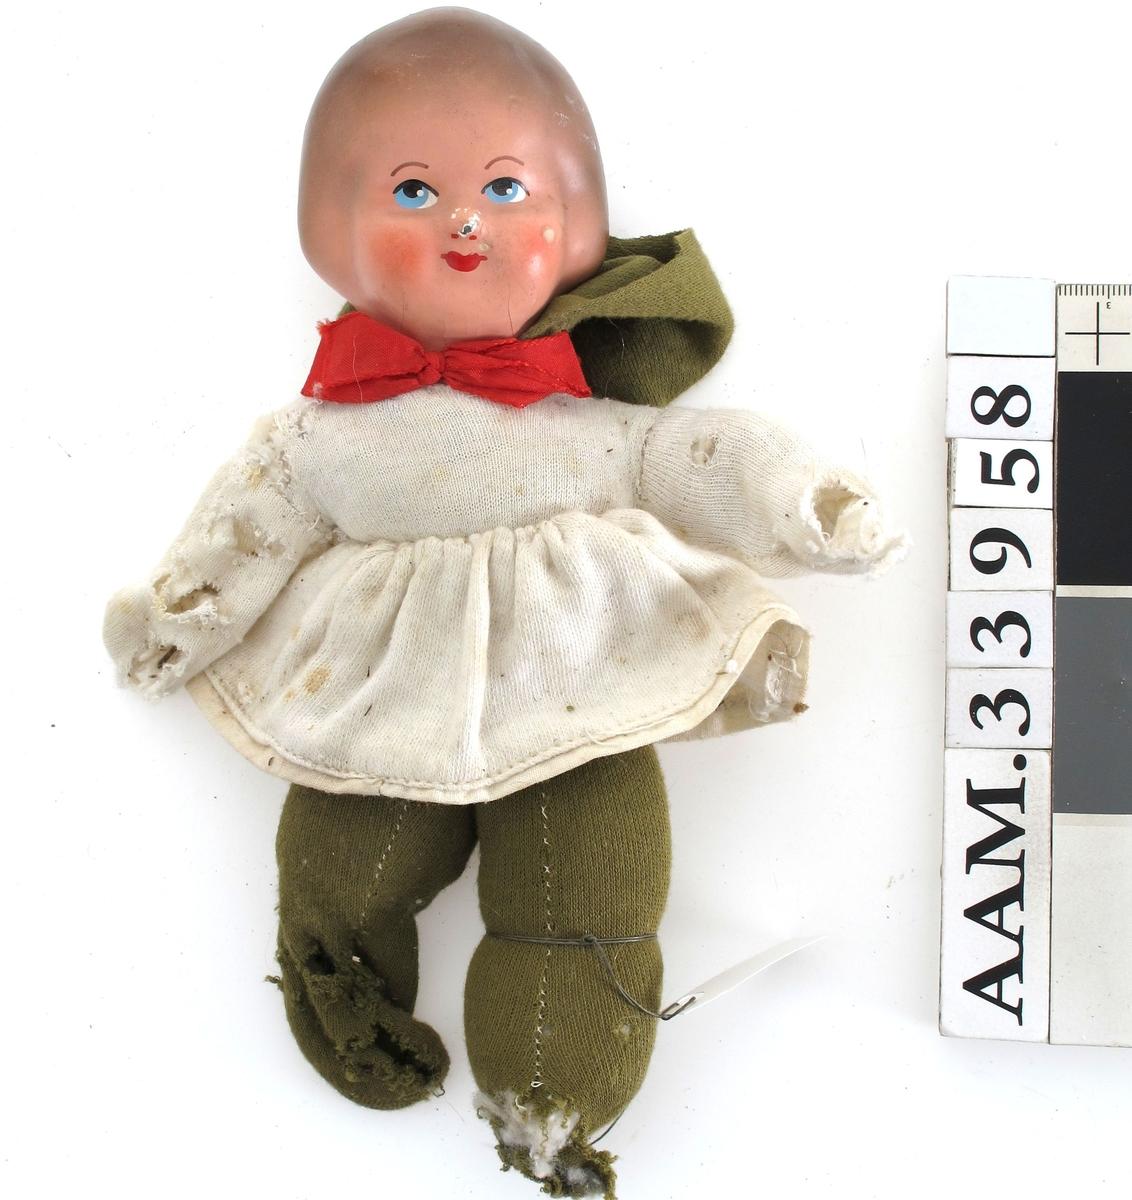 Tøydukke med støpt hode i plast.  Ståltrådskjellet i armene. Grønne bukser og hvit kjole, rød sløyfe i halsen.